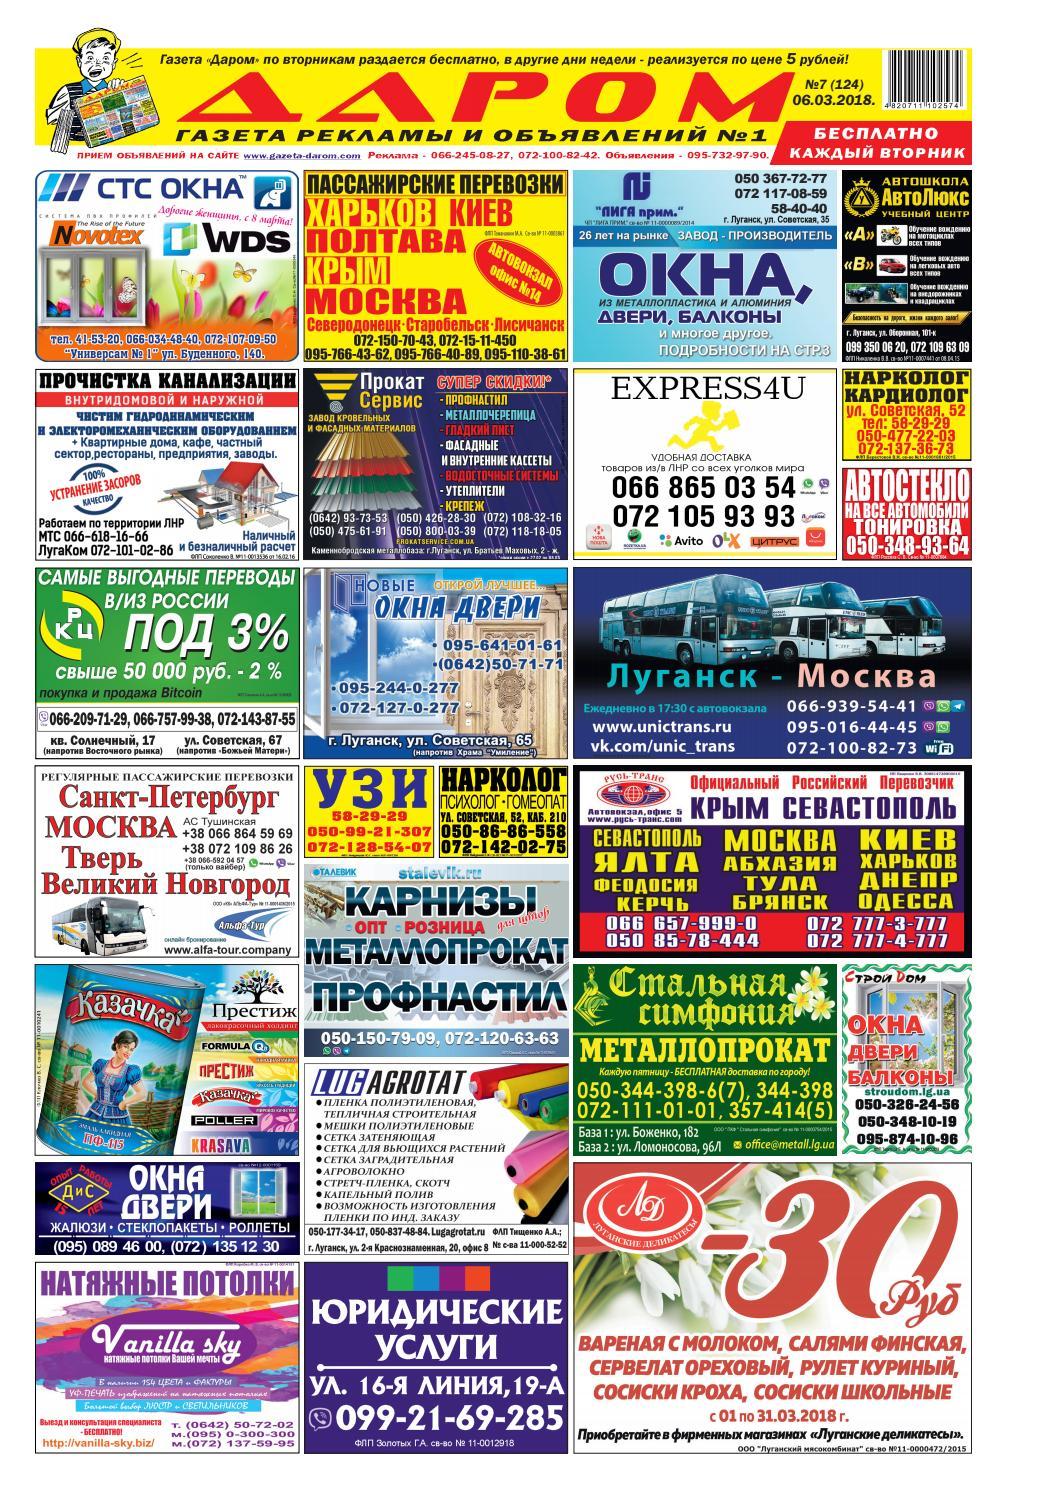 77b04033a Свежий выпуск газеты ДАРОМ № 7 (124) от 06.03.2018 by gazeta.darom - issuu